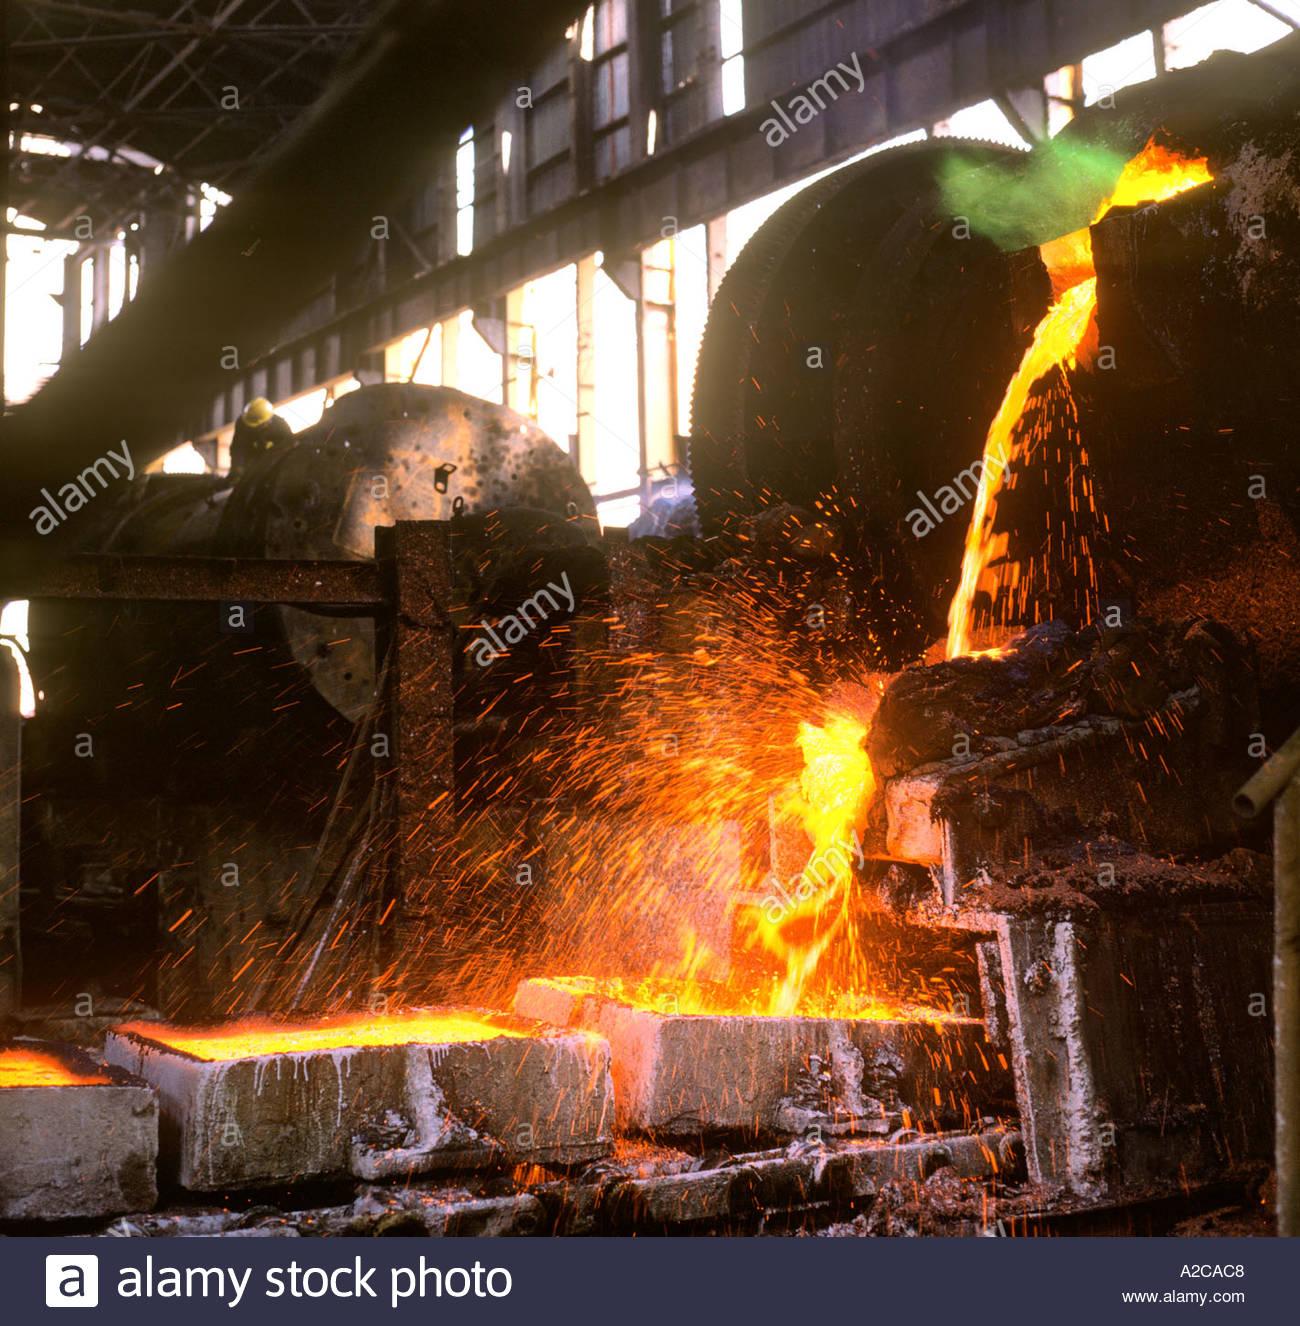 Molten Copper Stock Photos & Molten Copper Stock Images - Alamy